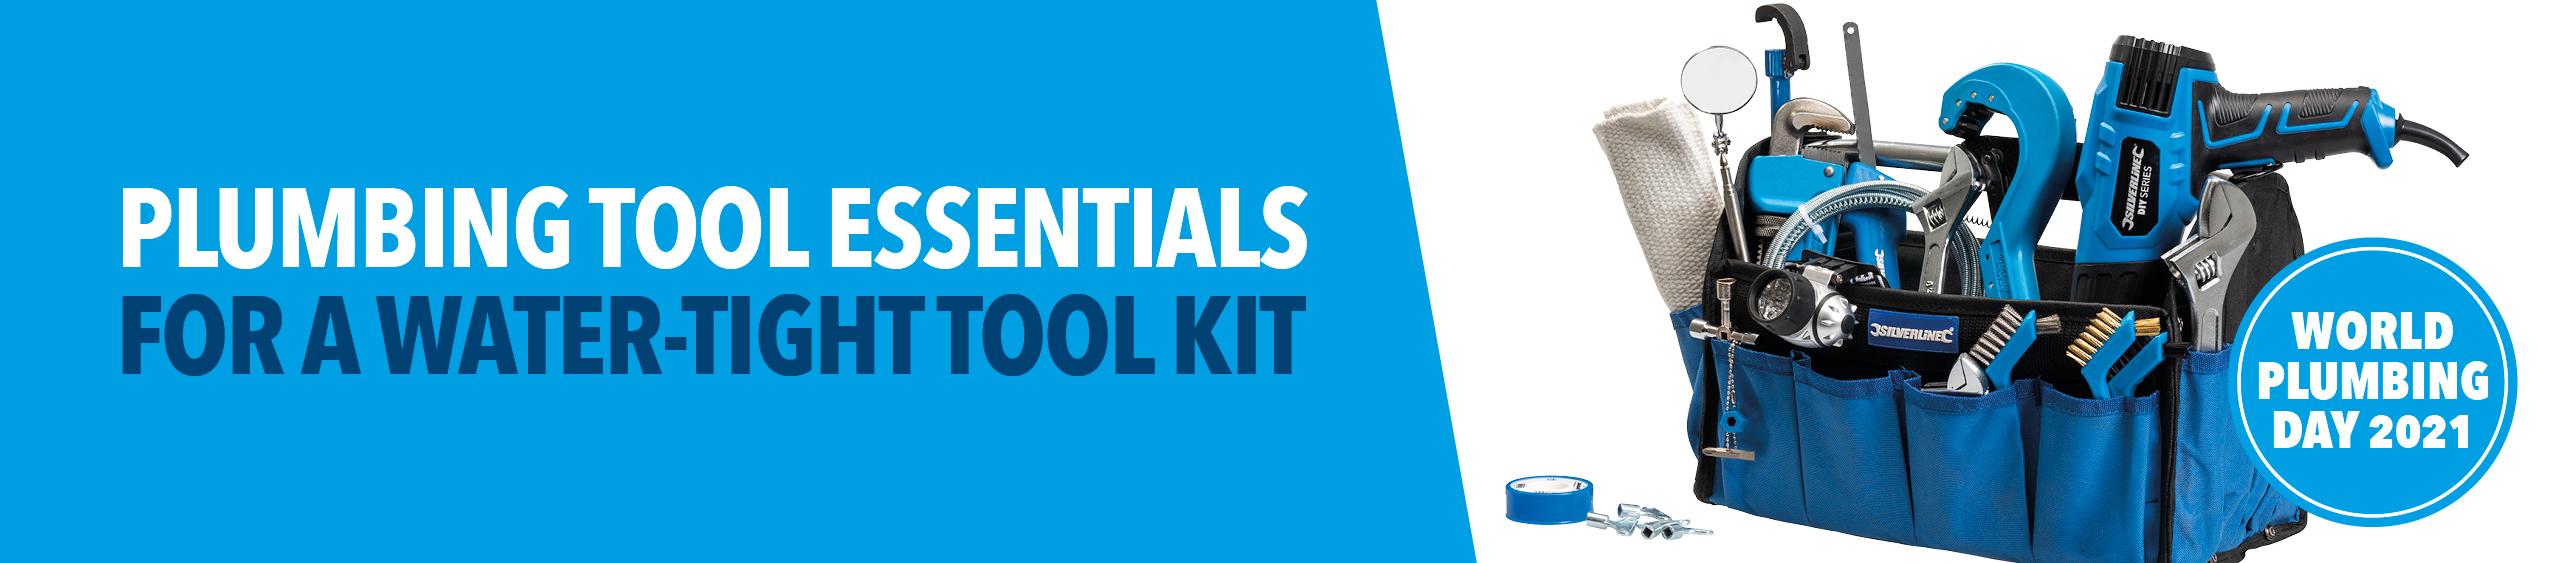 Plumbing_Essentials